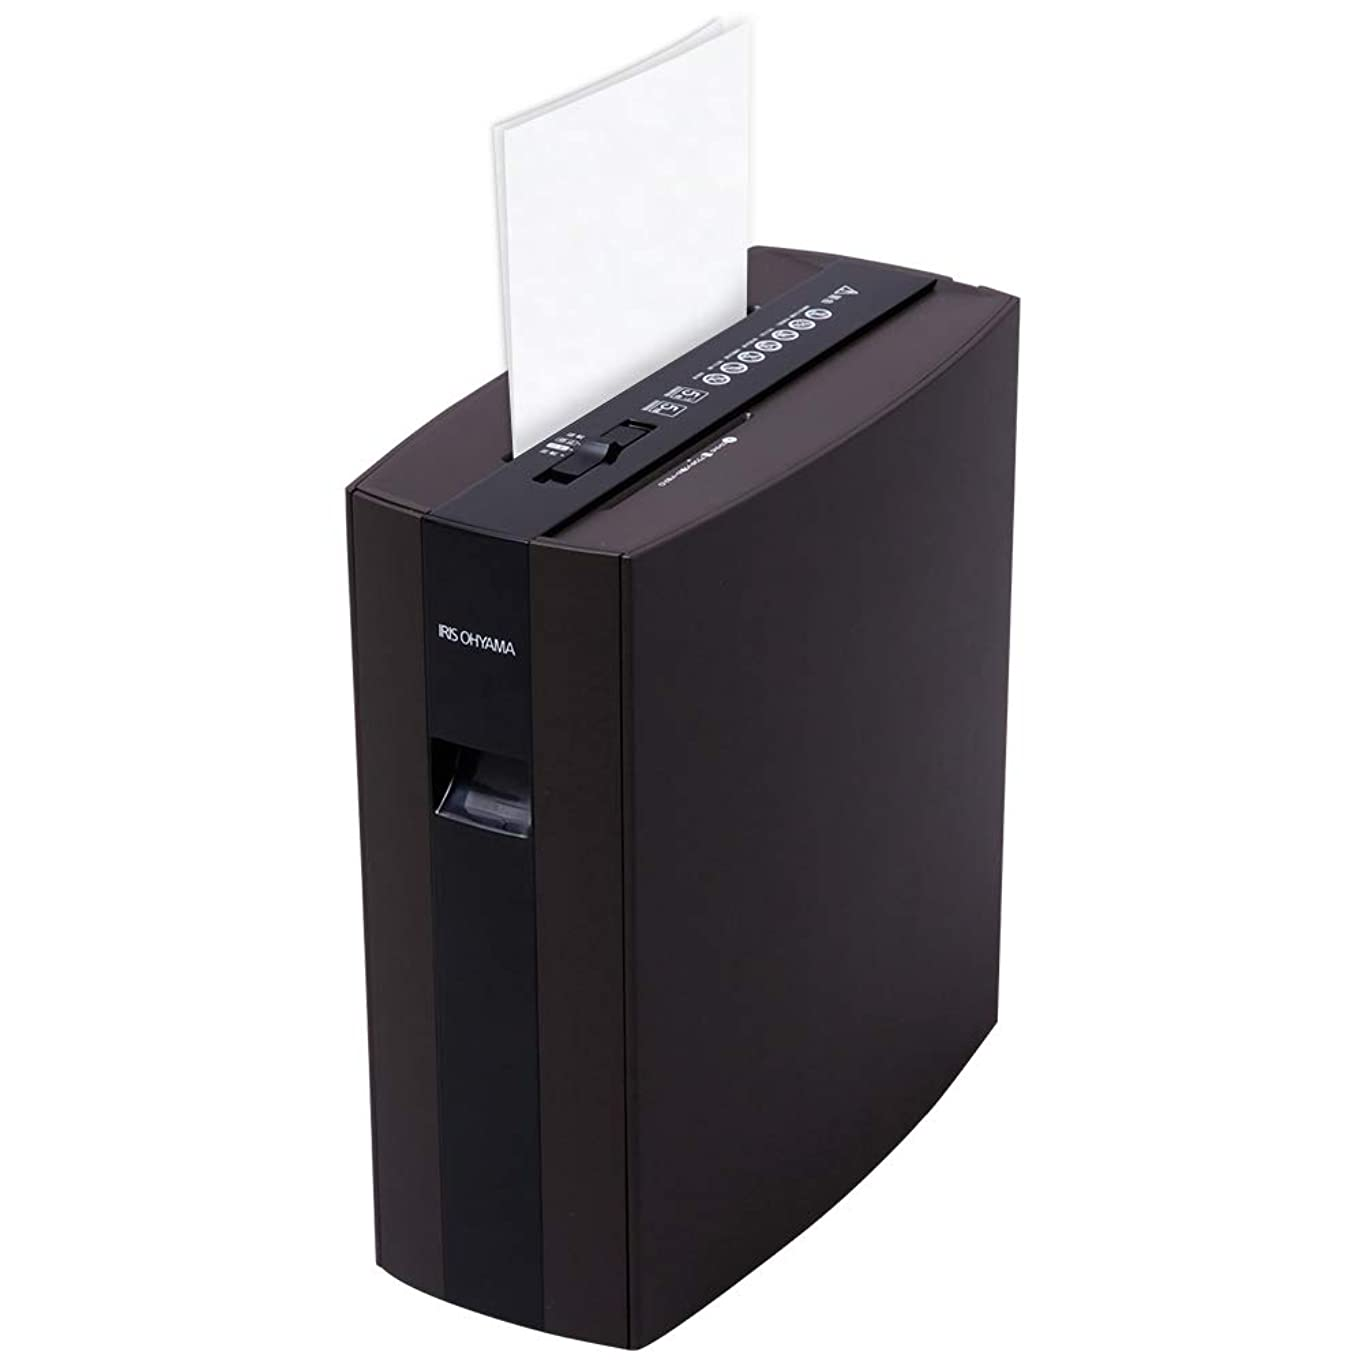 領域国民投票エミュレーションアイリスオーヤマ 細密シュレッダー ブラウン PS5HMSD